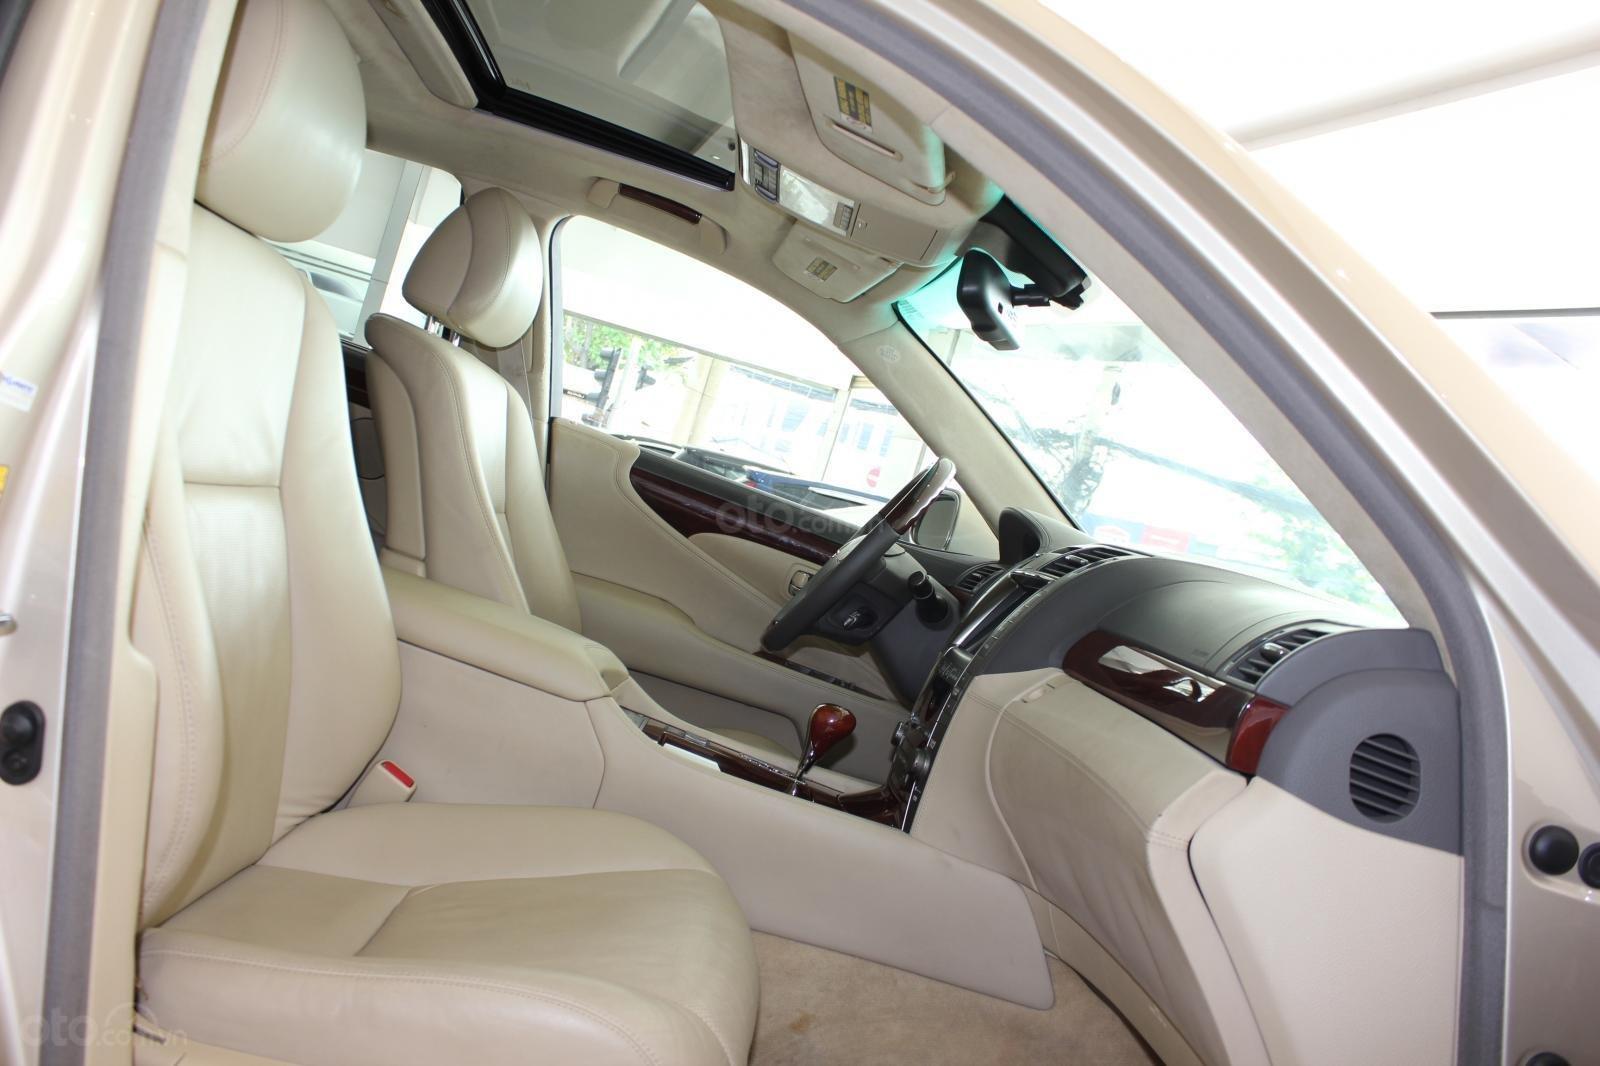 Cần bán xe Lexus LS 600HL 5.0 xăng điện 2008, màu vàng, nhập khẩu (18)